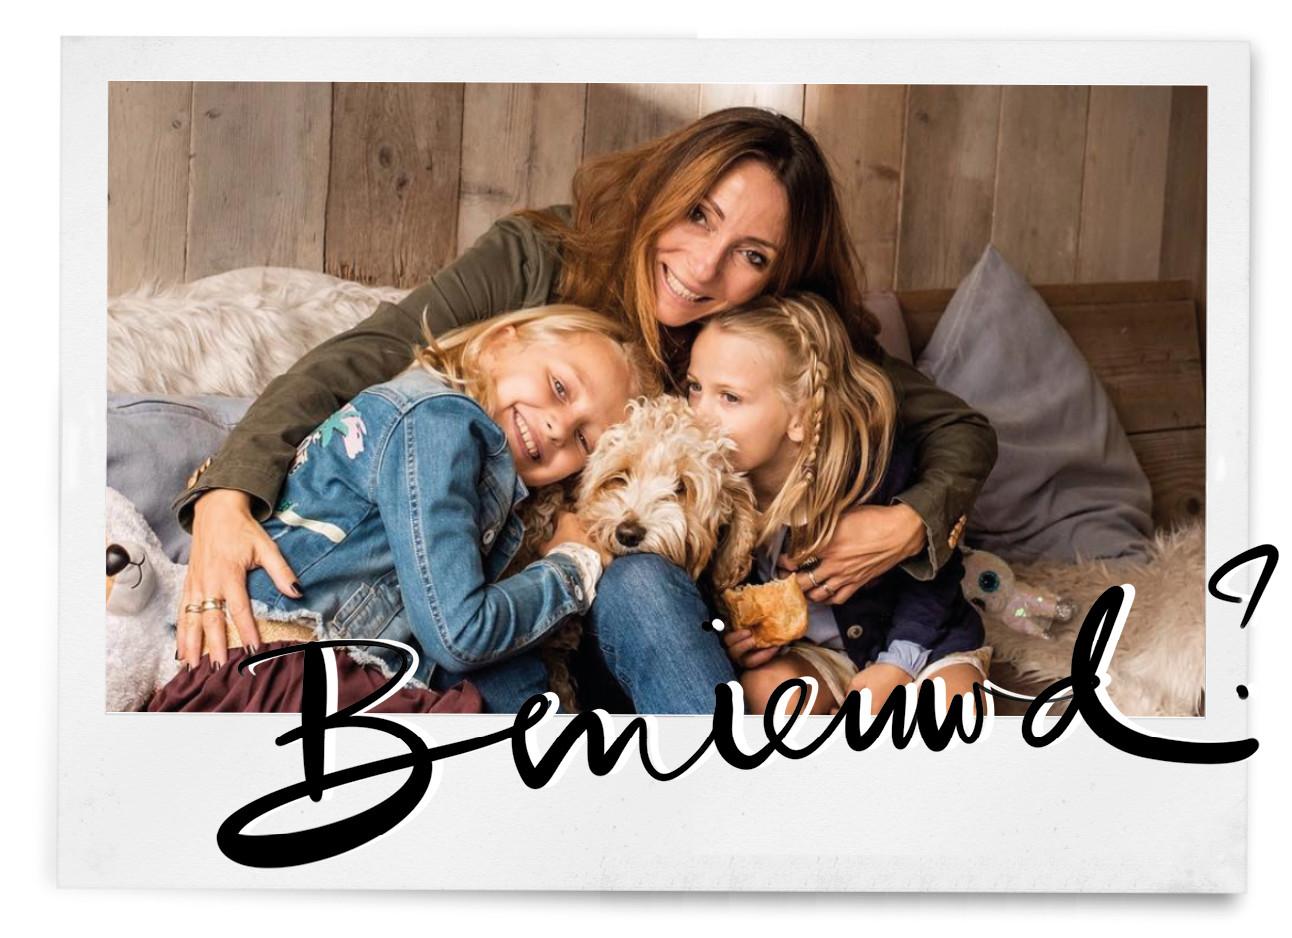 may met haar dochters op de bank, ze geven elkaar een knuffel